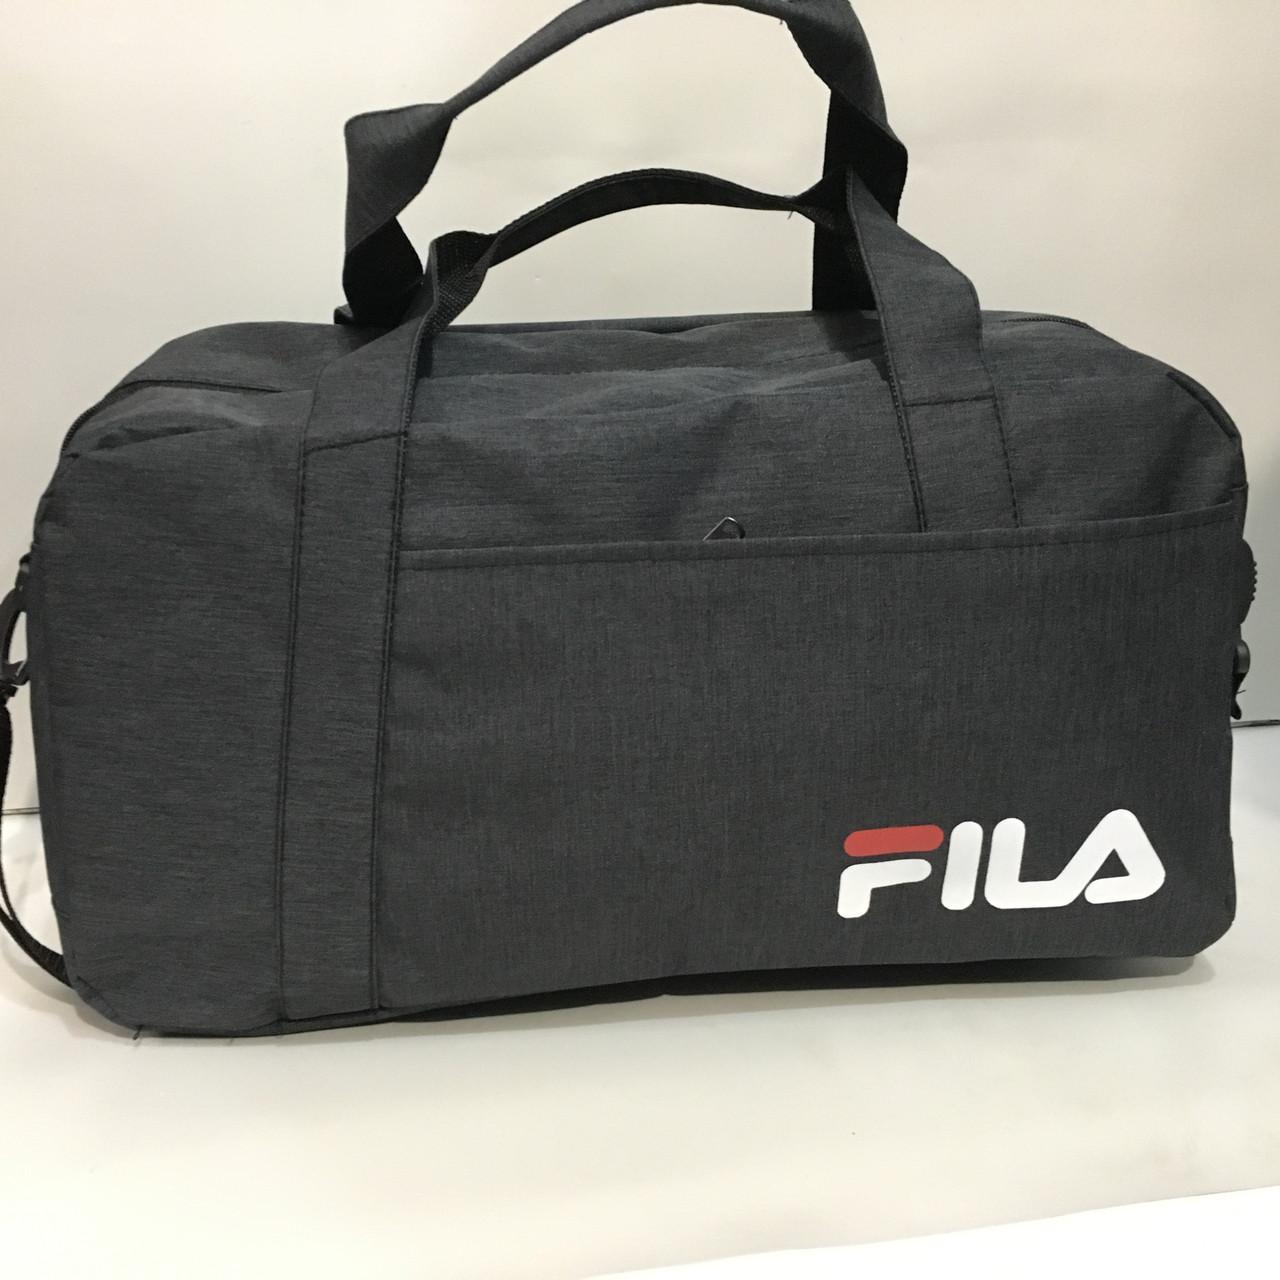 5bf56be3809e Большая спортивная сумка FILA с ремнем на плечо, дорожная сумка только оптом